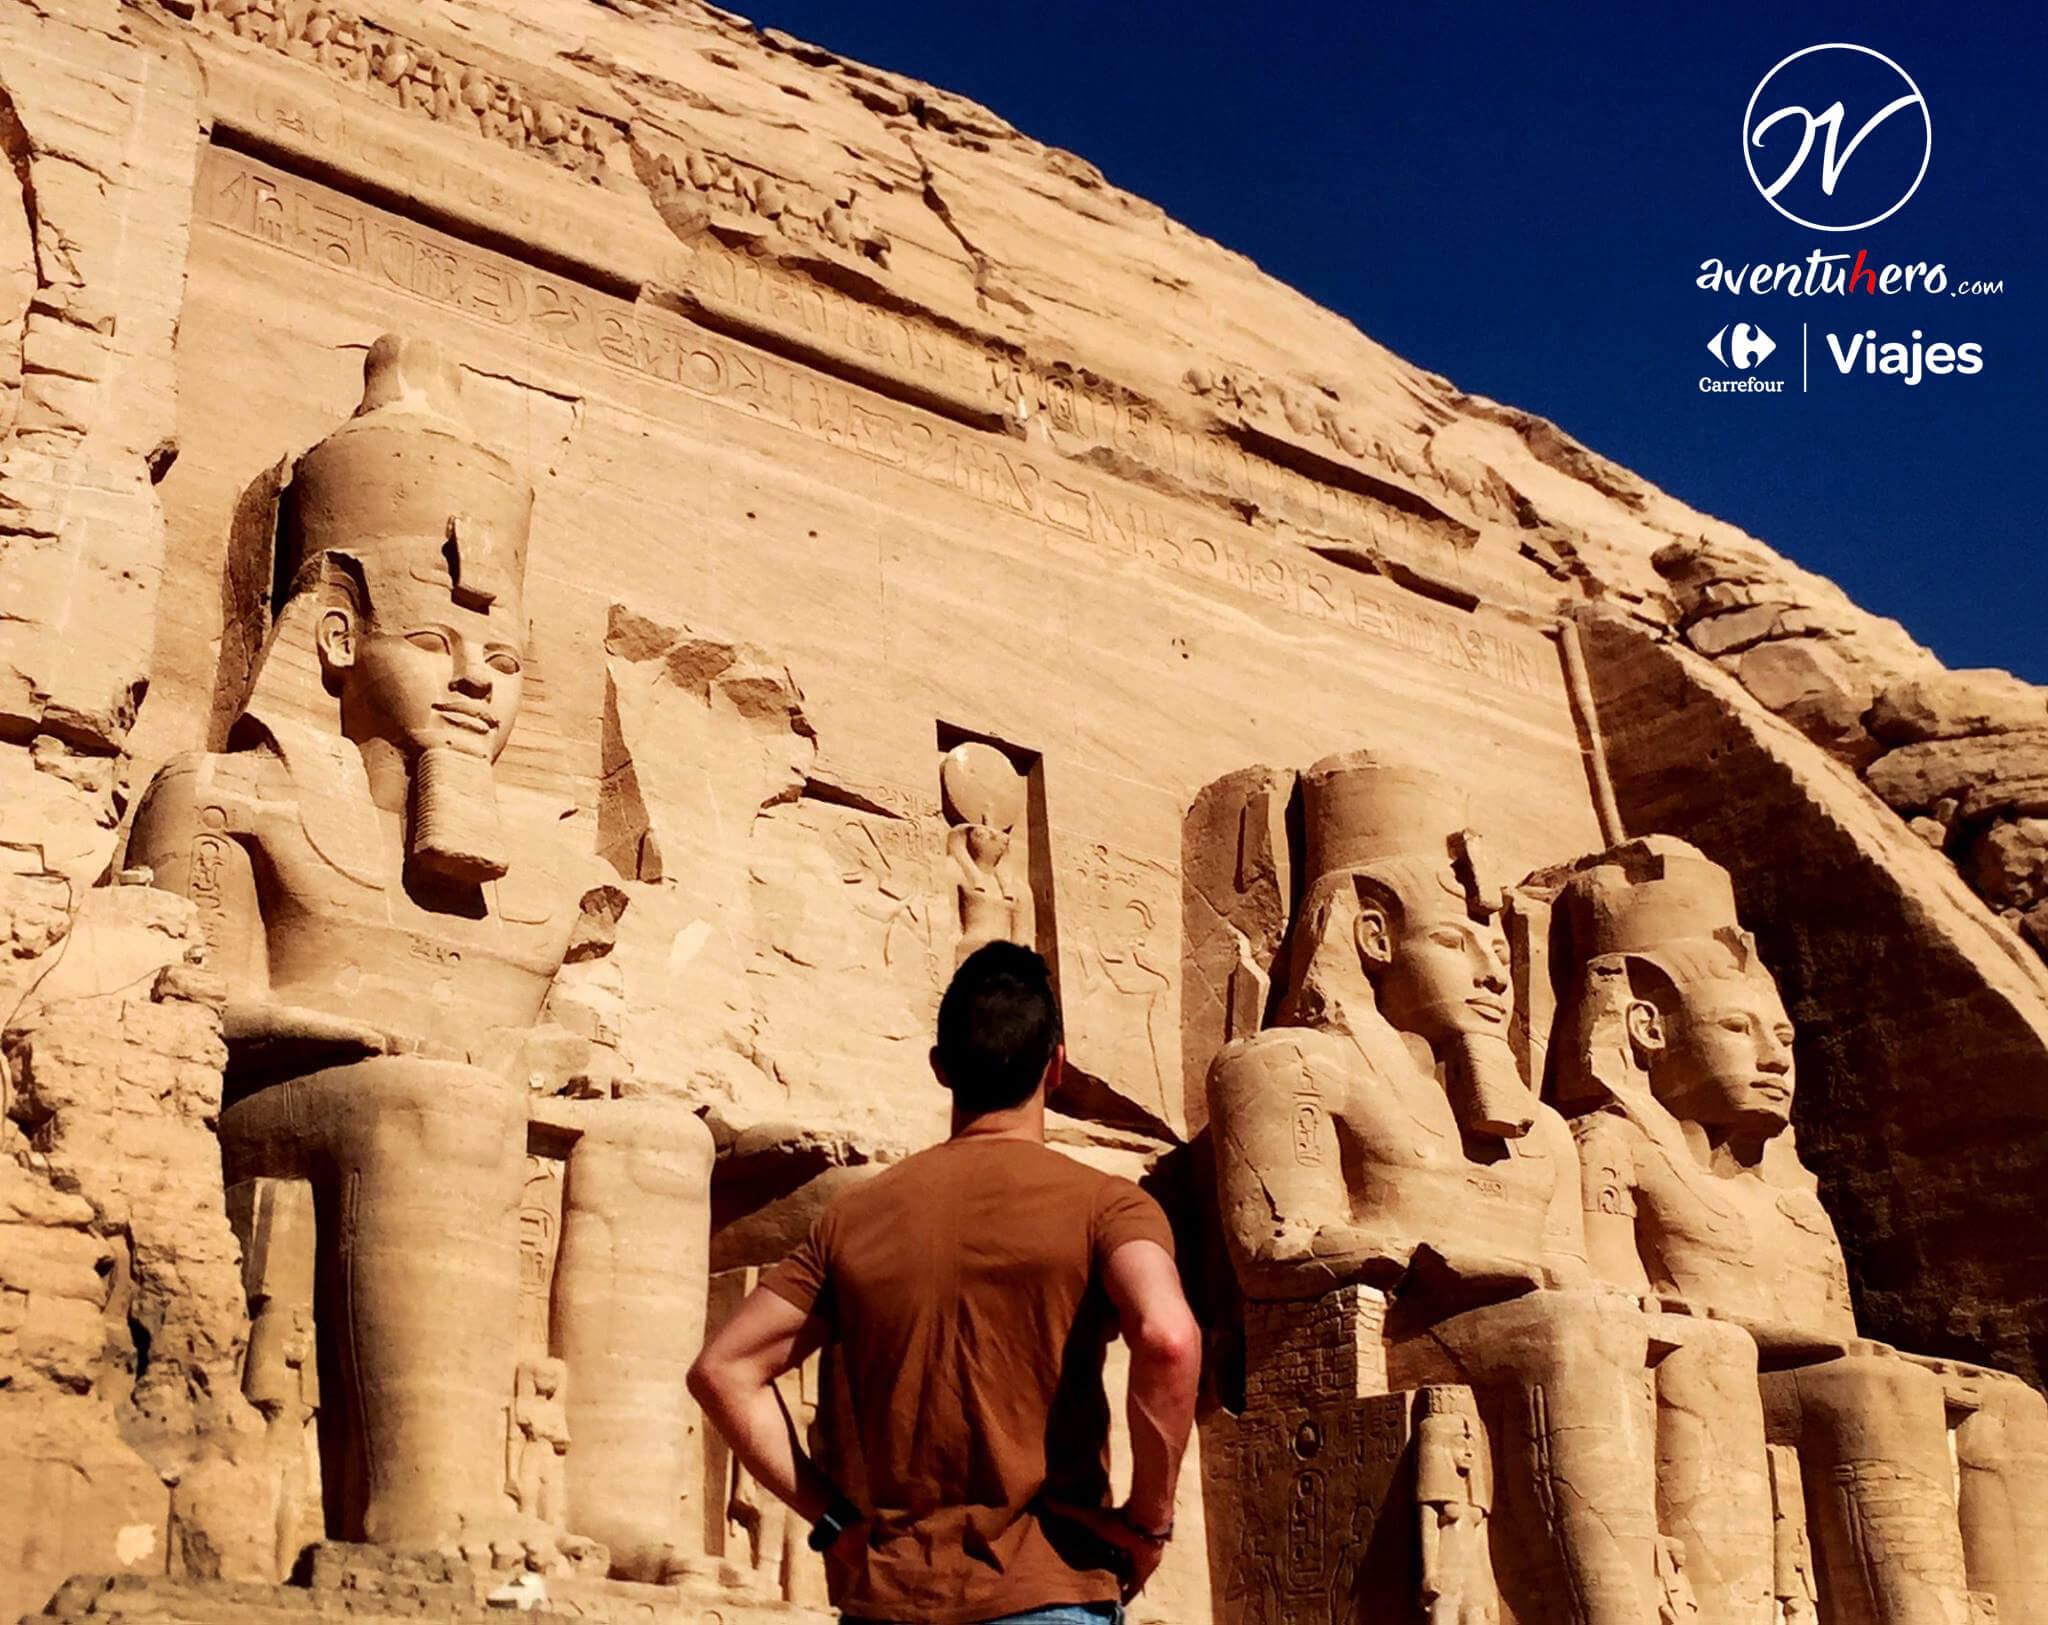 Entrada de Abu Simbel